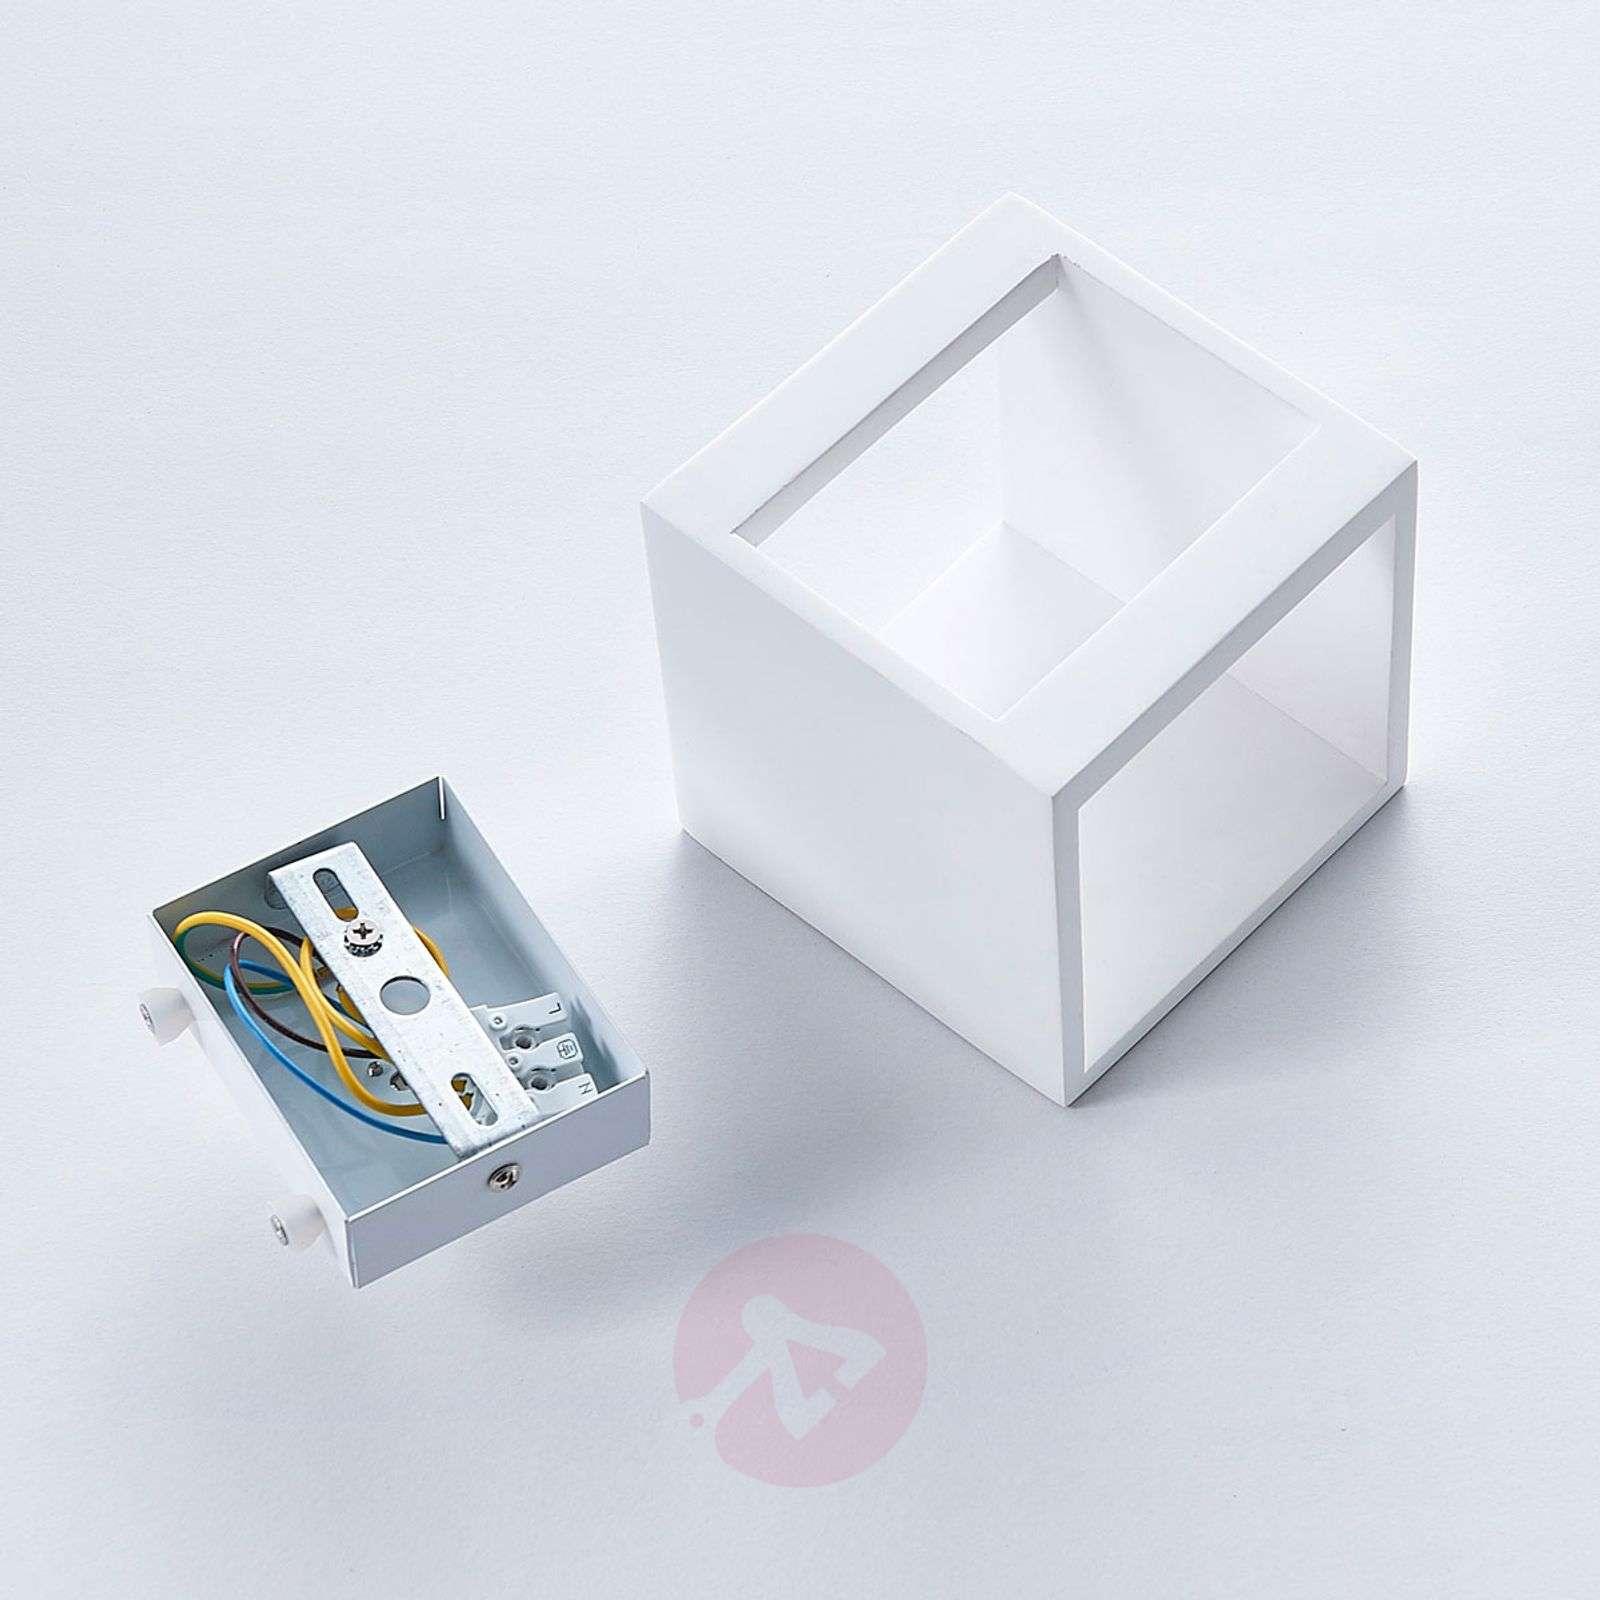 Upward and downward-shining LED plaster light Kay-9621327-01